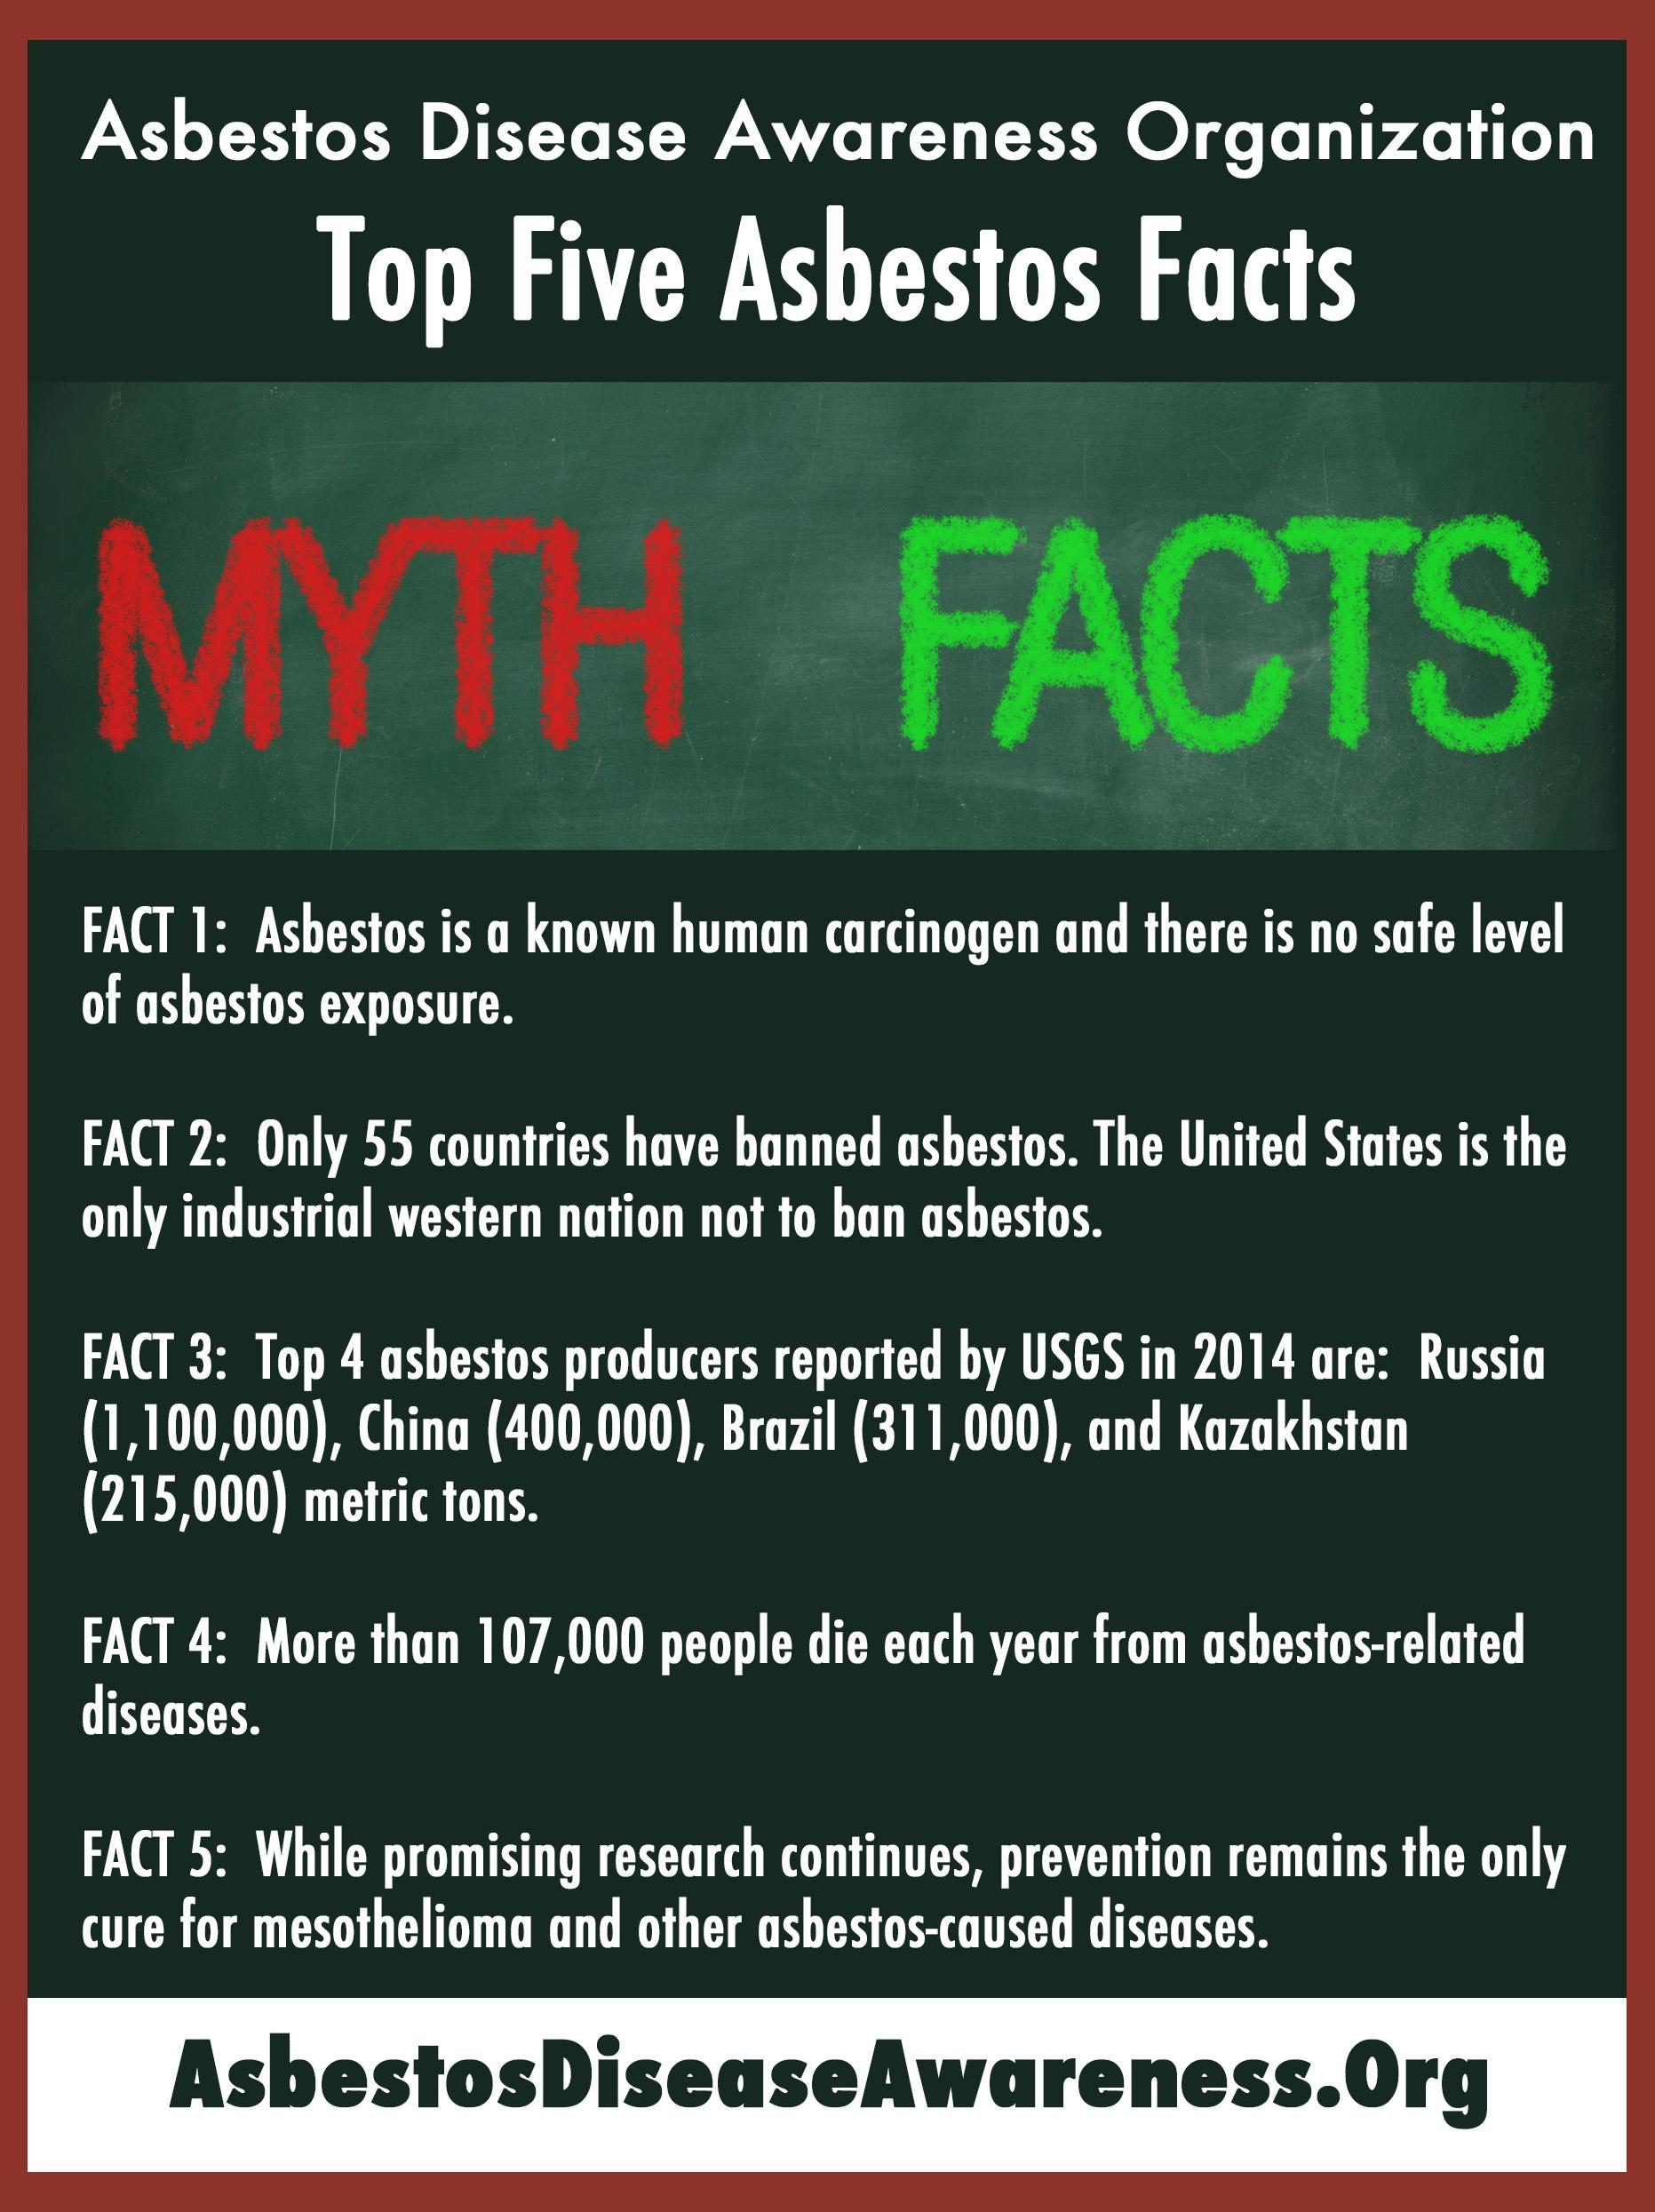 2017 Top Five Asbestos Facts Adao Asbestos Disease